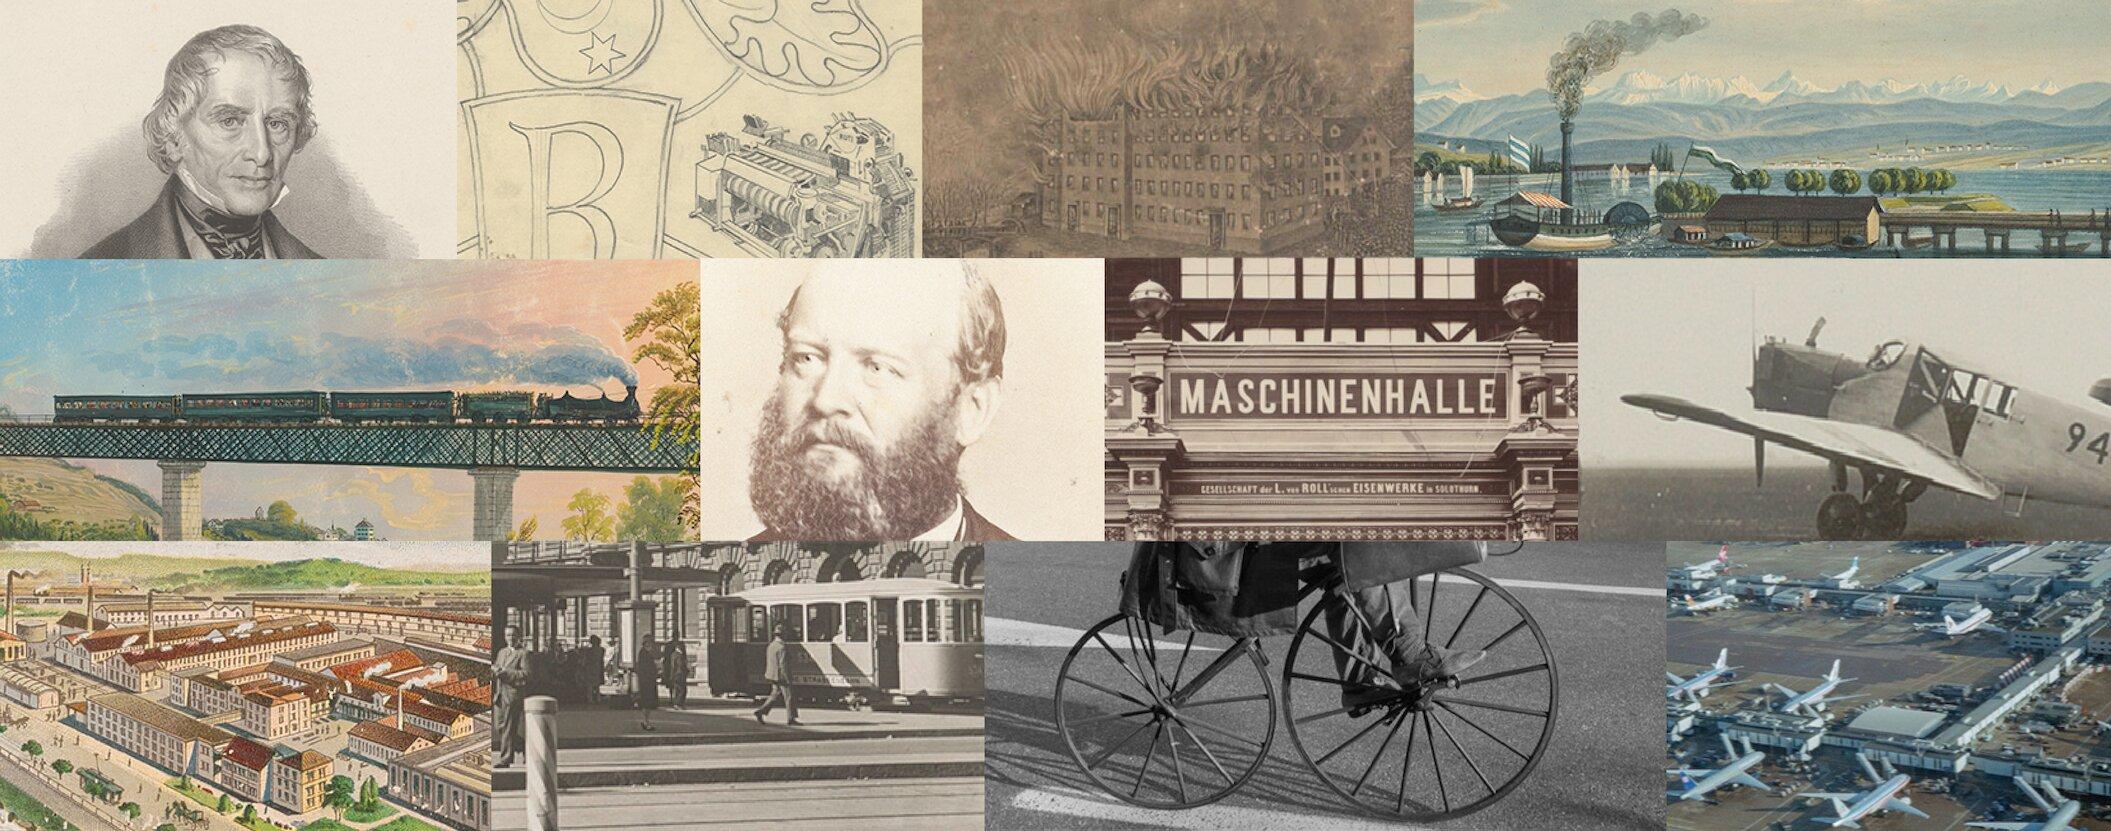 Zurich's economy – highlights